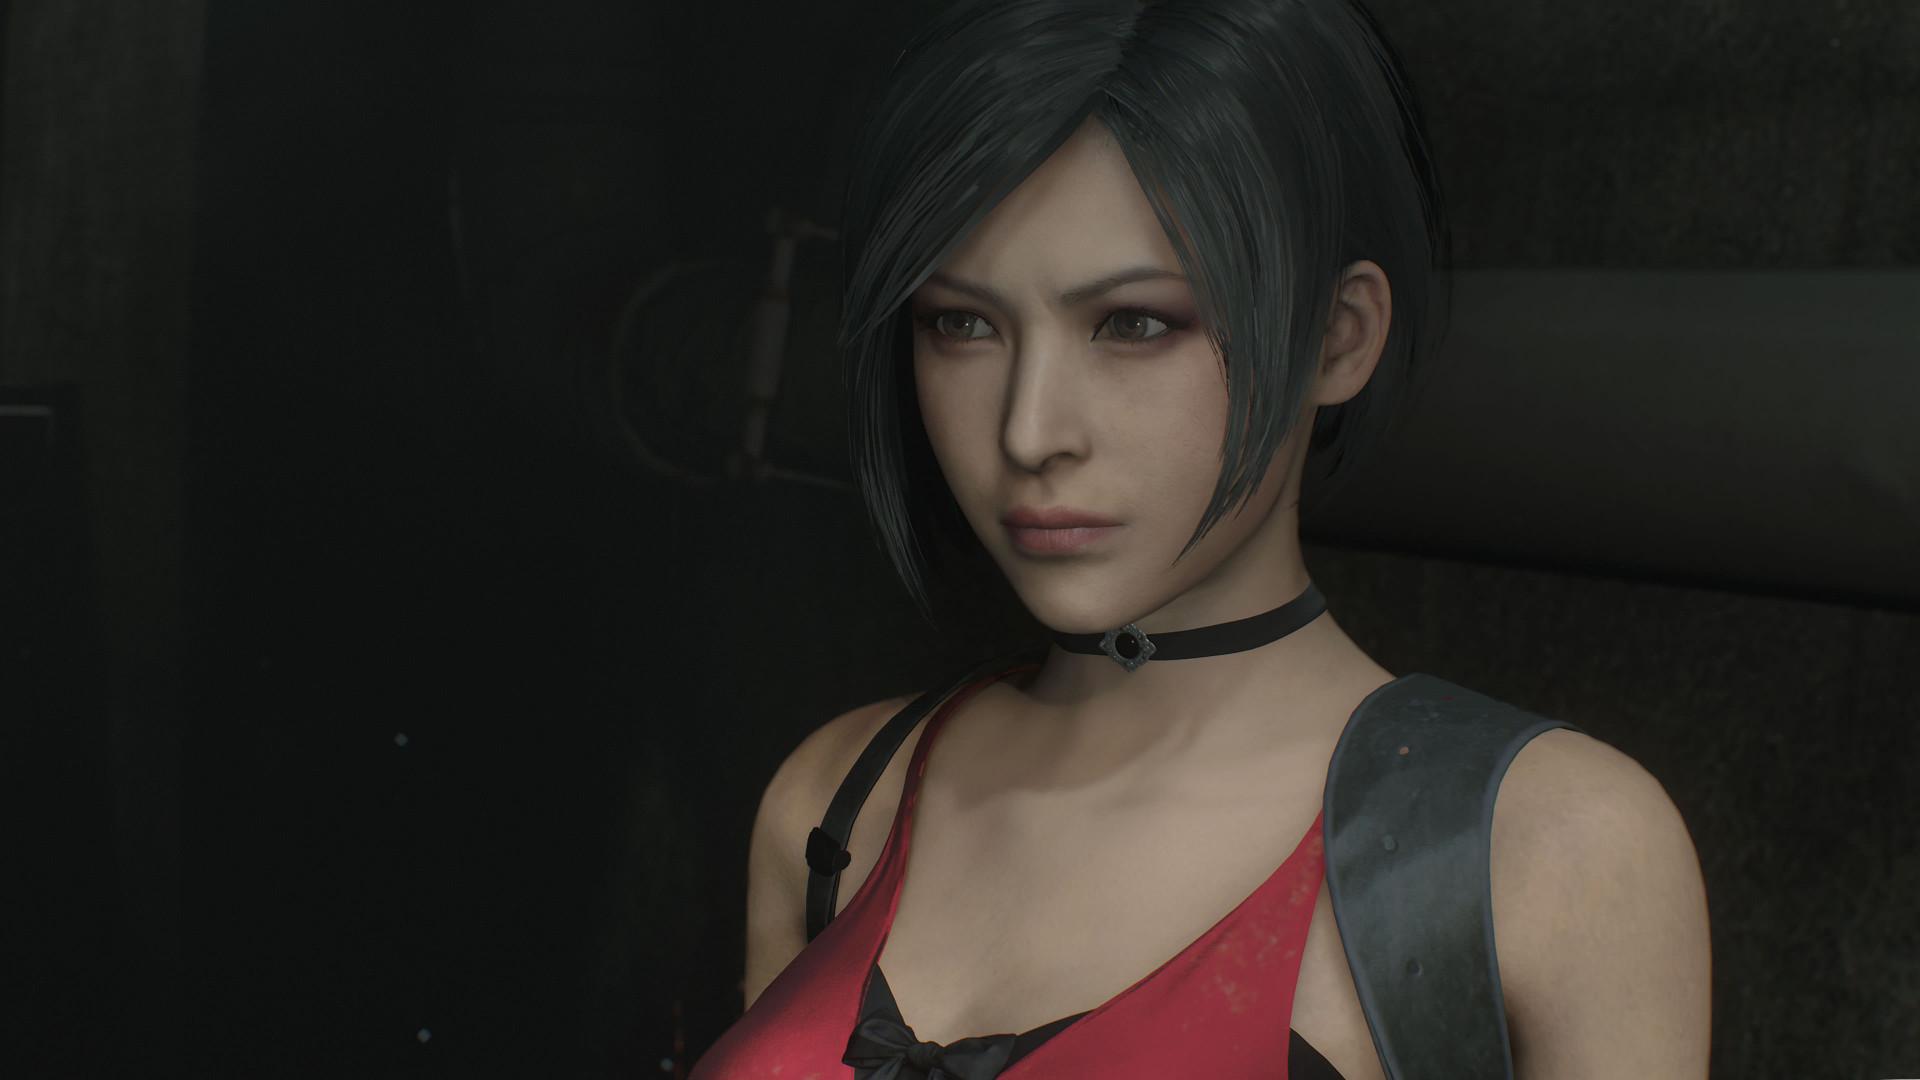 В сеть слили новые скриншоты Resident Evil 2 Remake с Адой Вонг в красном платье